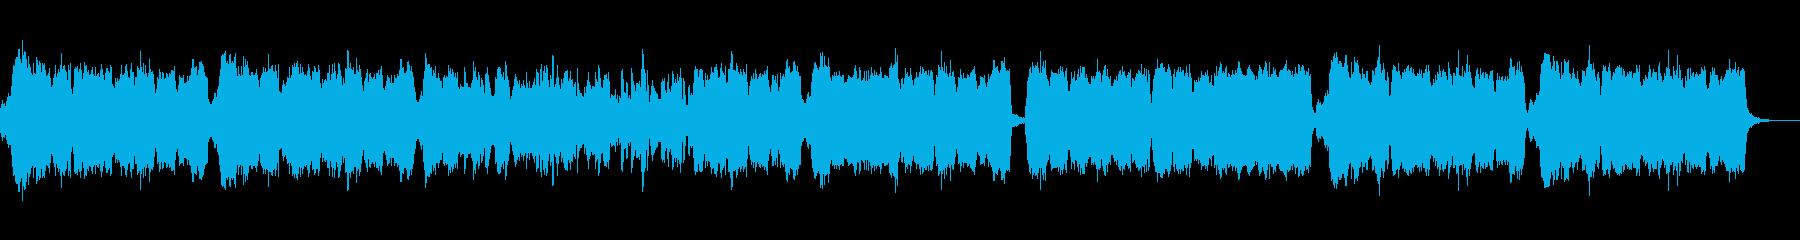 クラシカルな雰囲気 ストリングス の再生済みの波形